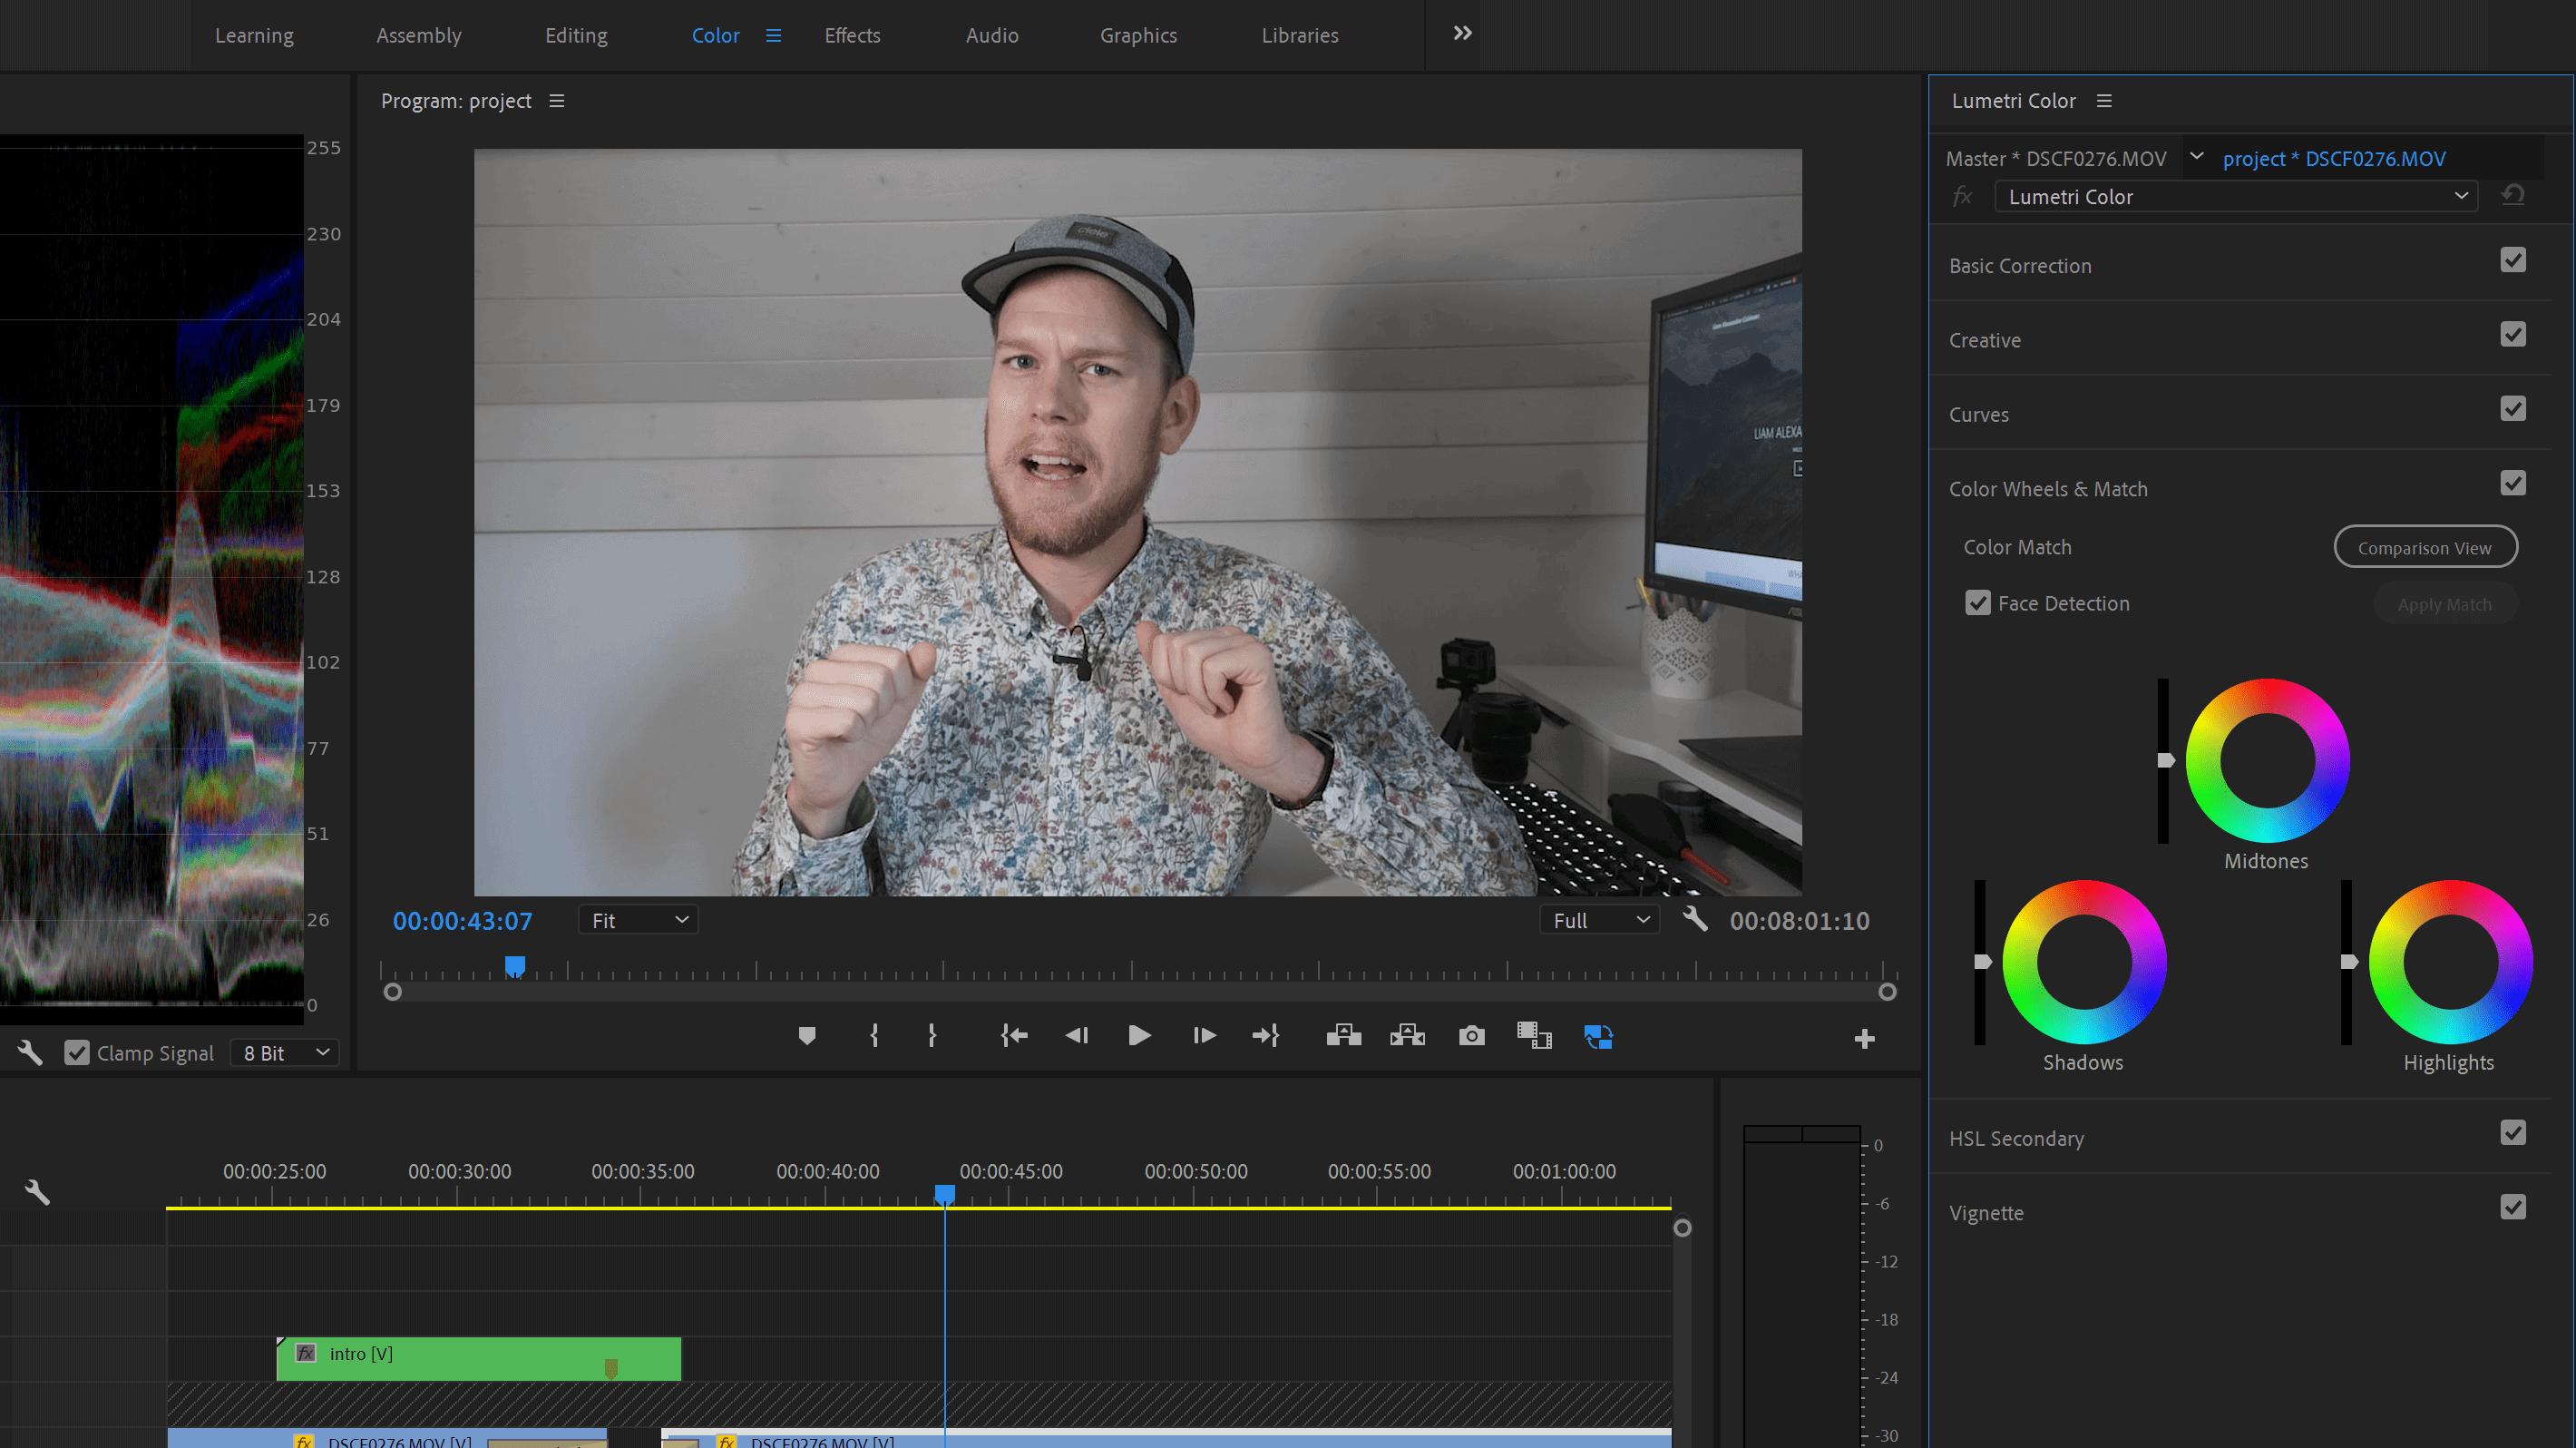 The Lumetri Colour panel in Premiere Pro